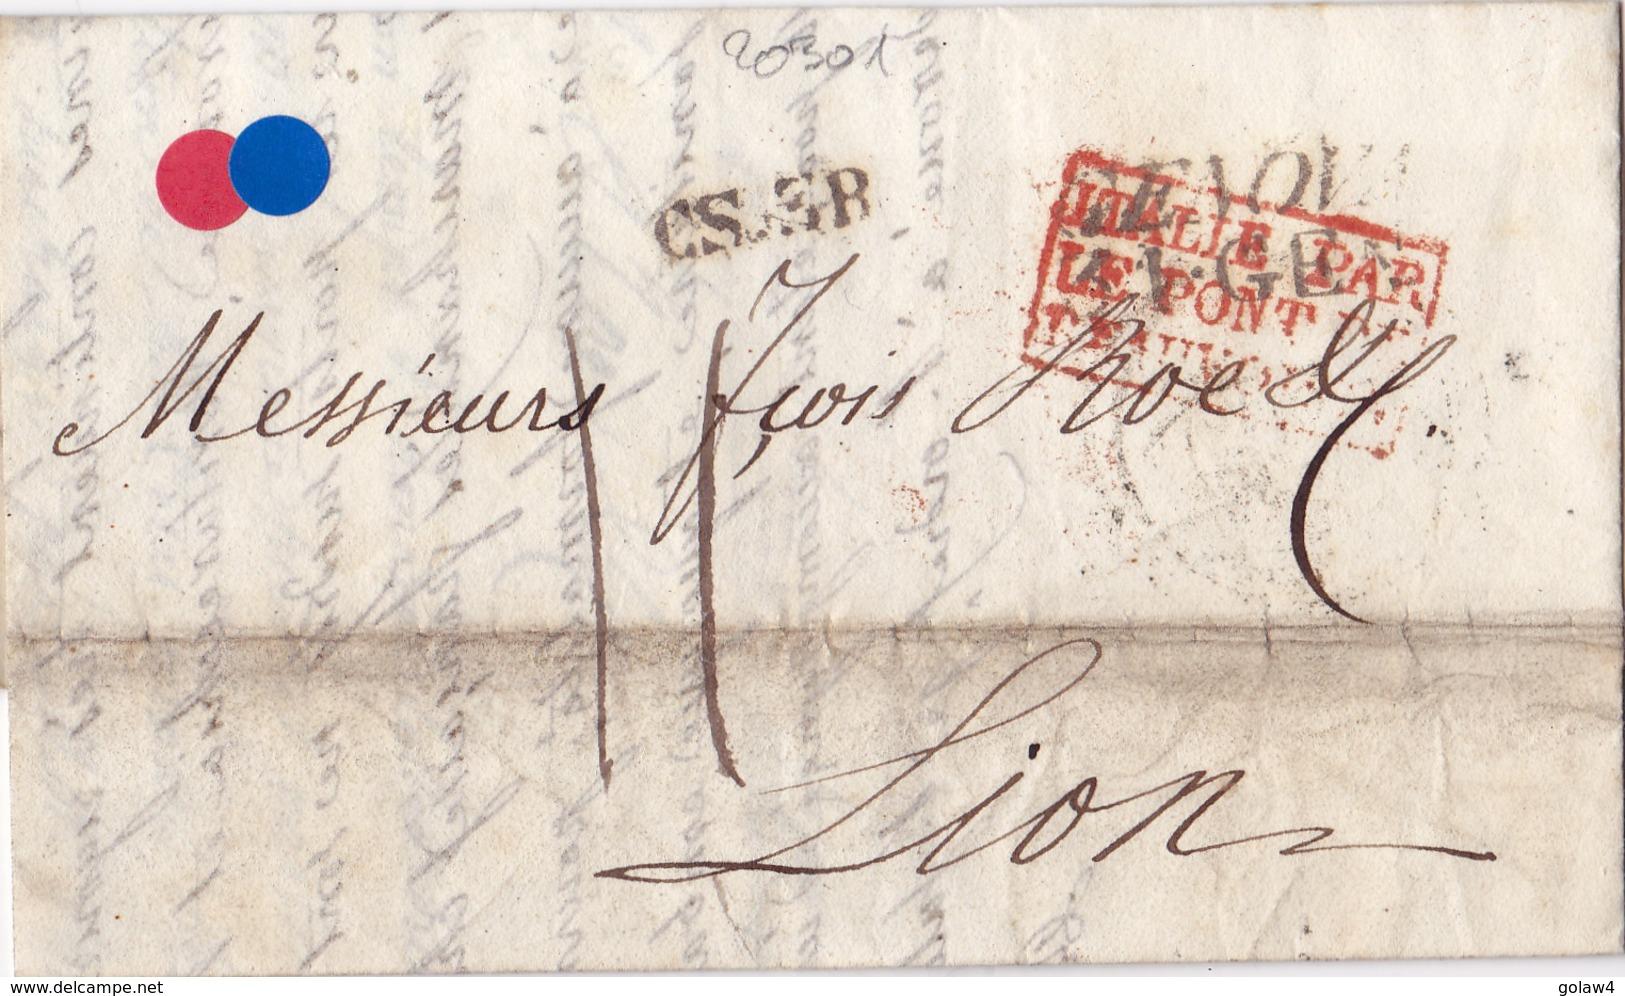 20301# LETTRE Obl GENOVA 1835 GENES Pour LYON RHONE ENTREE C.S.3.R ITALIE PAR PONT DE BEAUVOISIN COURRIER SARDE - Storia Postale